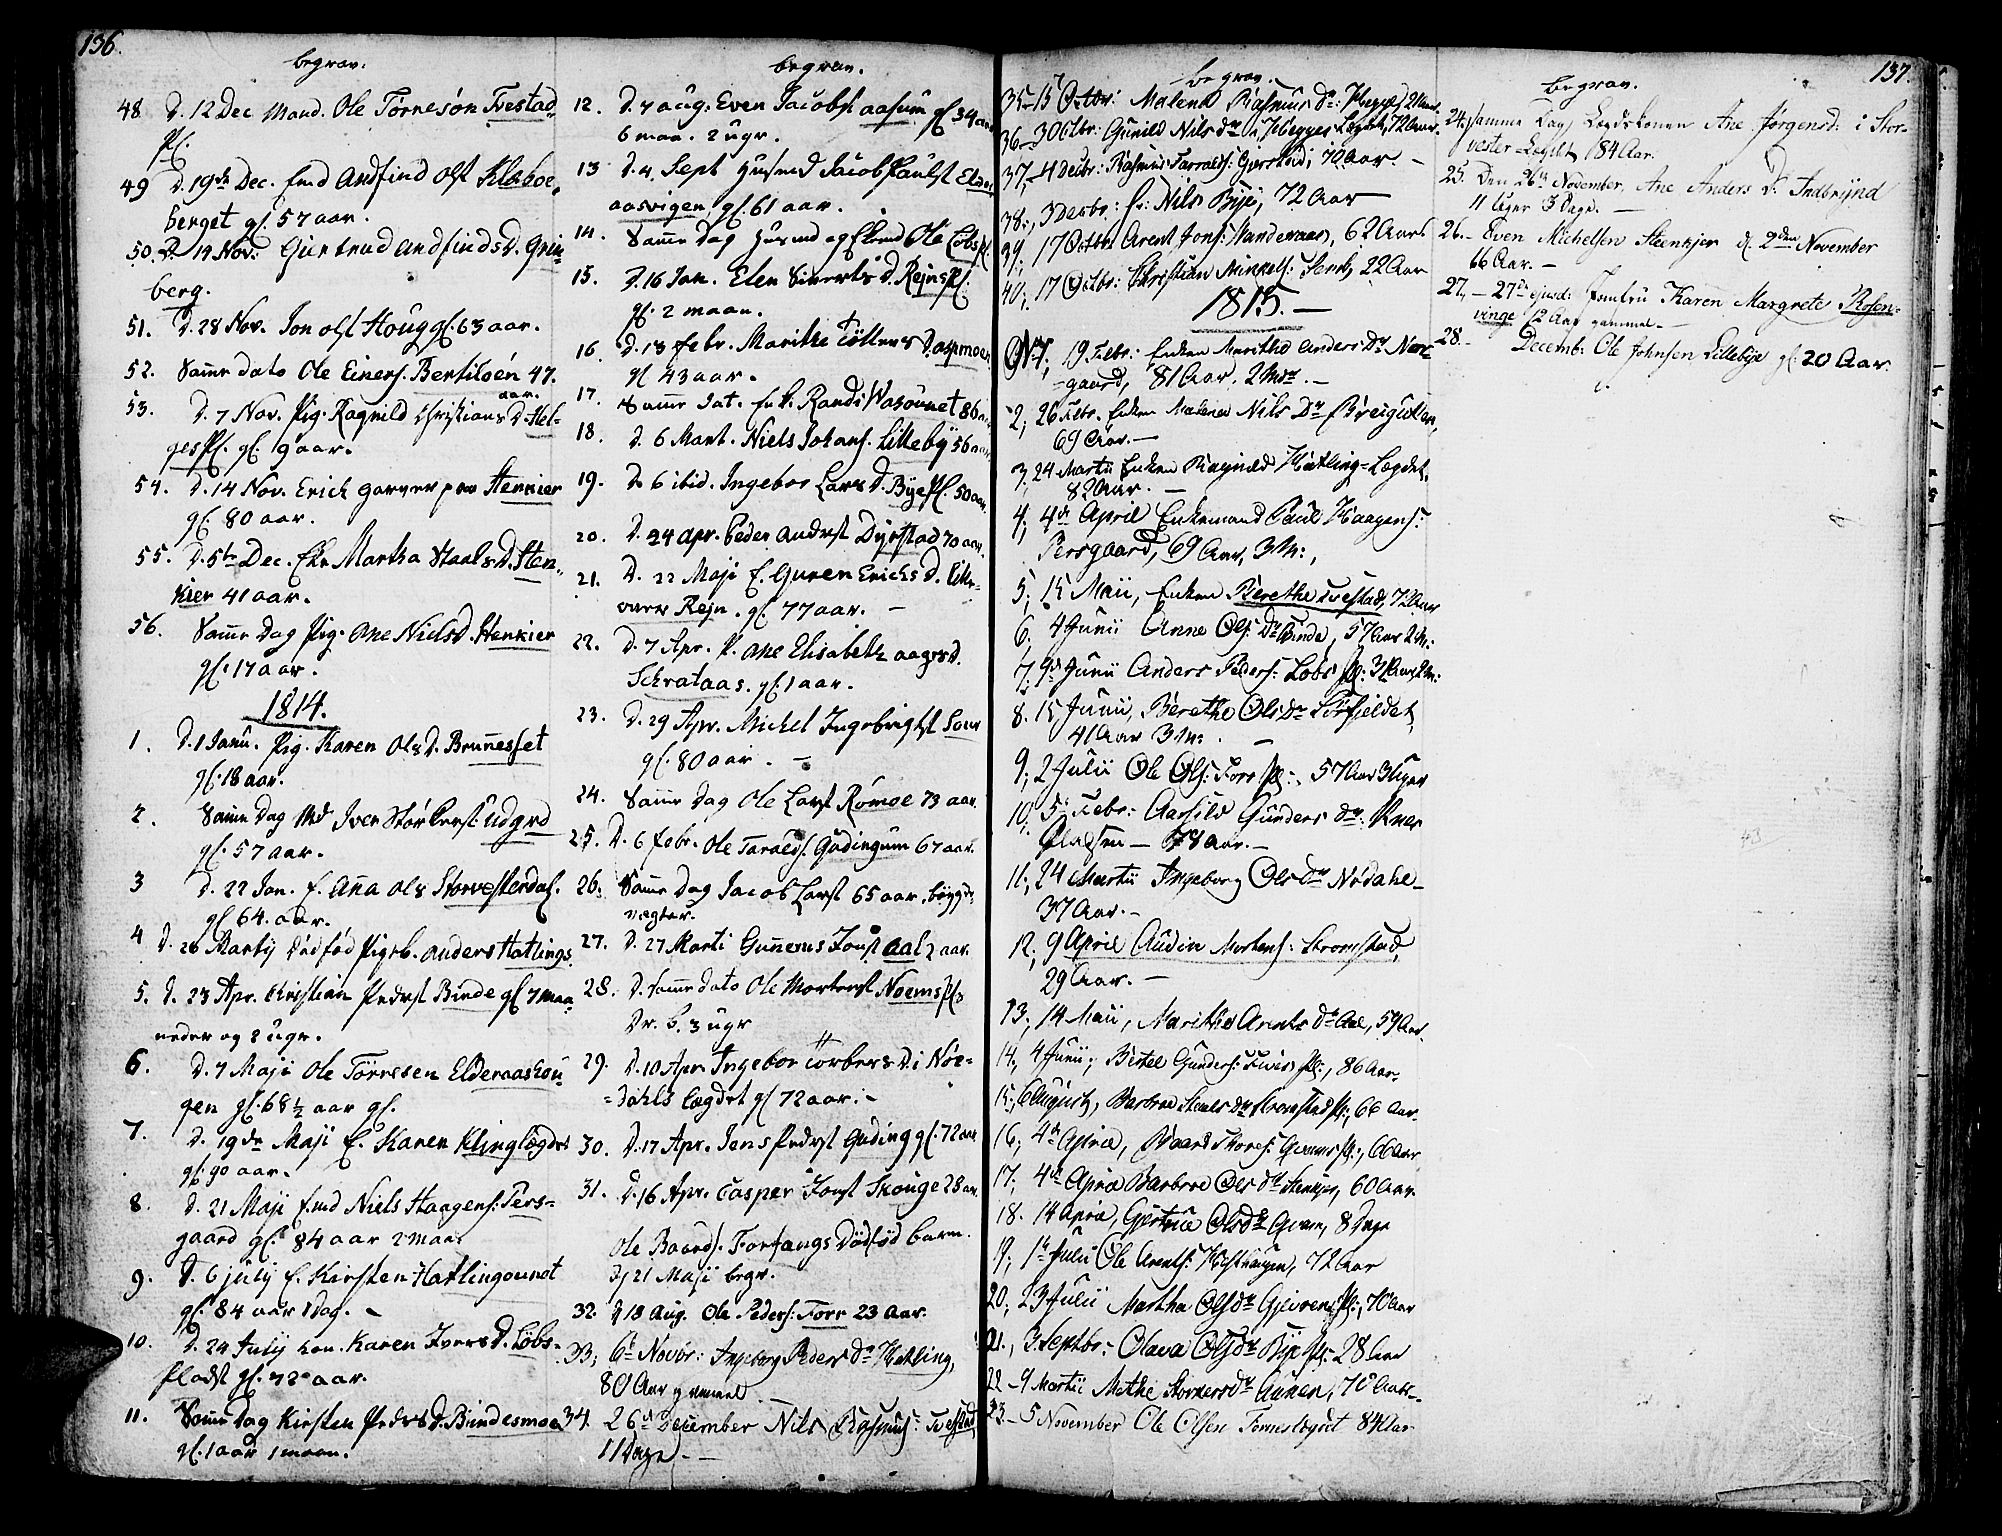 SAT, Ministerialprotokoller, klokkerbøker og fødselsregistre - Nord-Trøndelag, 746/L0440: Ministerialbok nr. 746A02, 1760-1815, s. 136-137